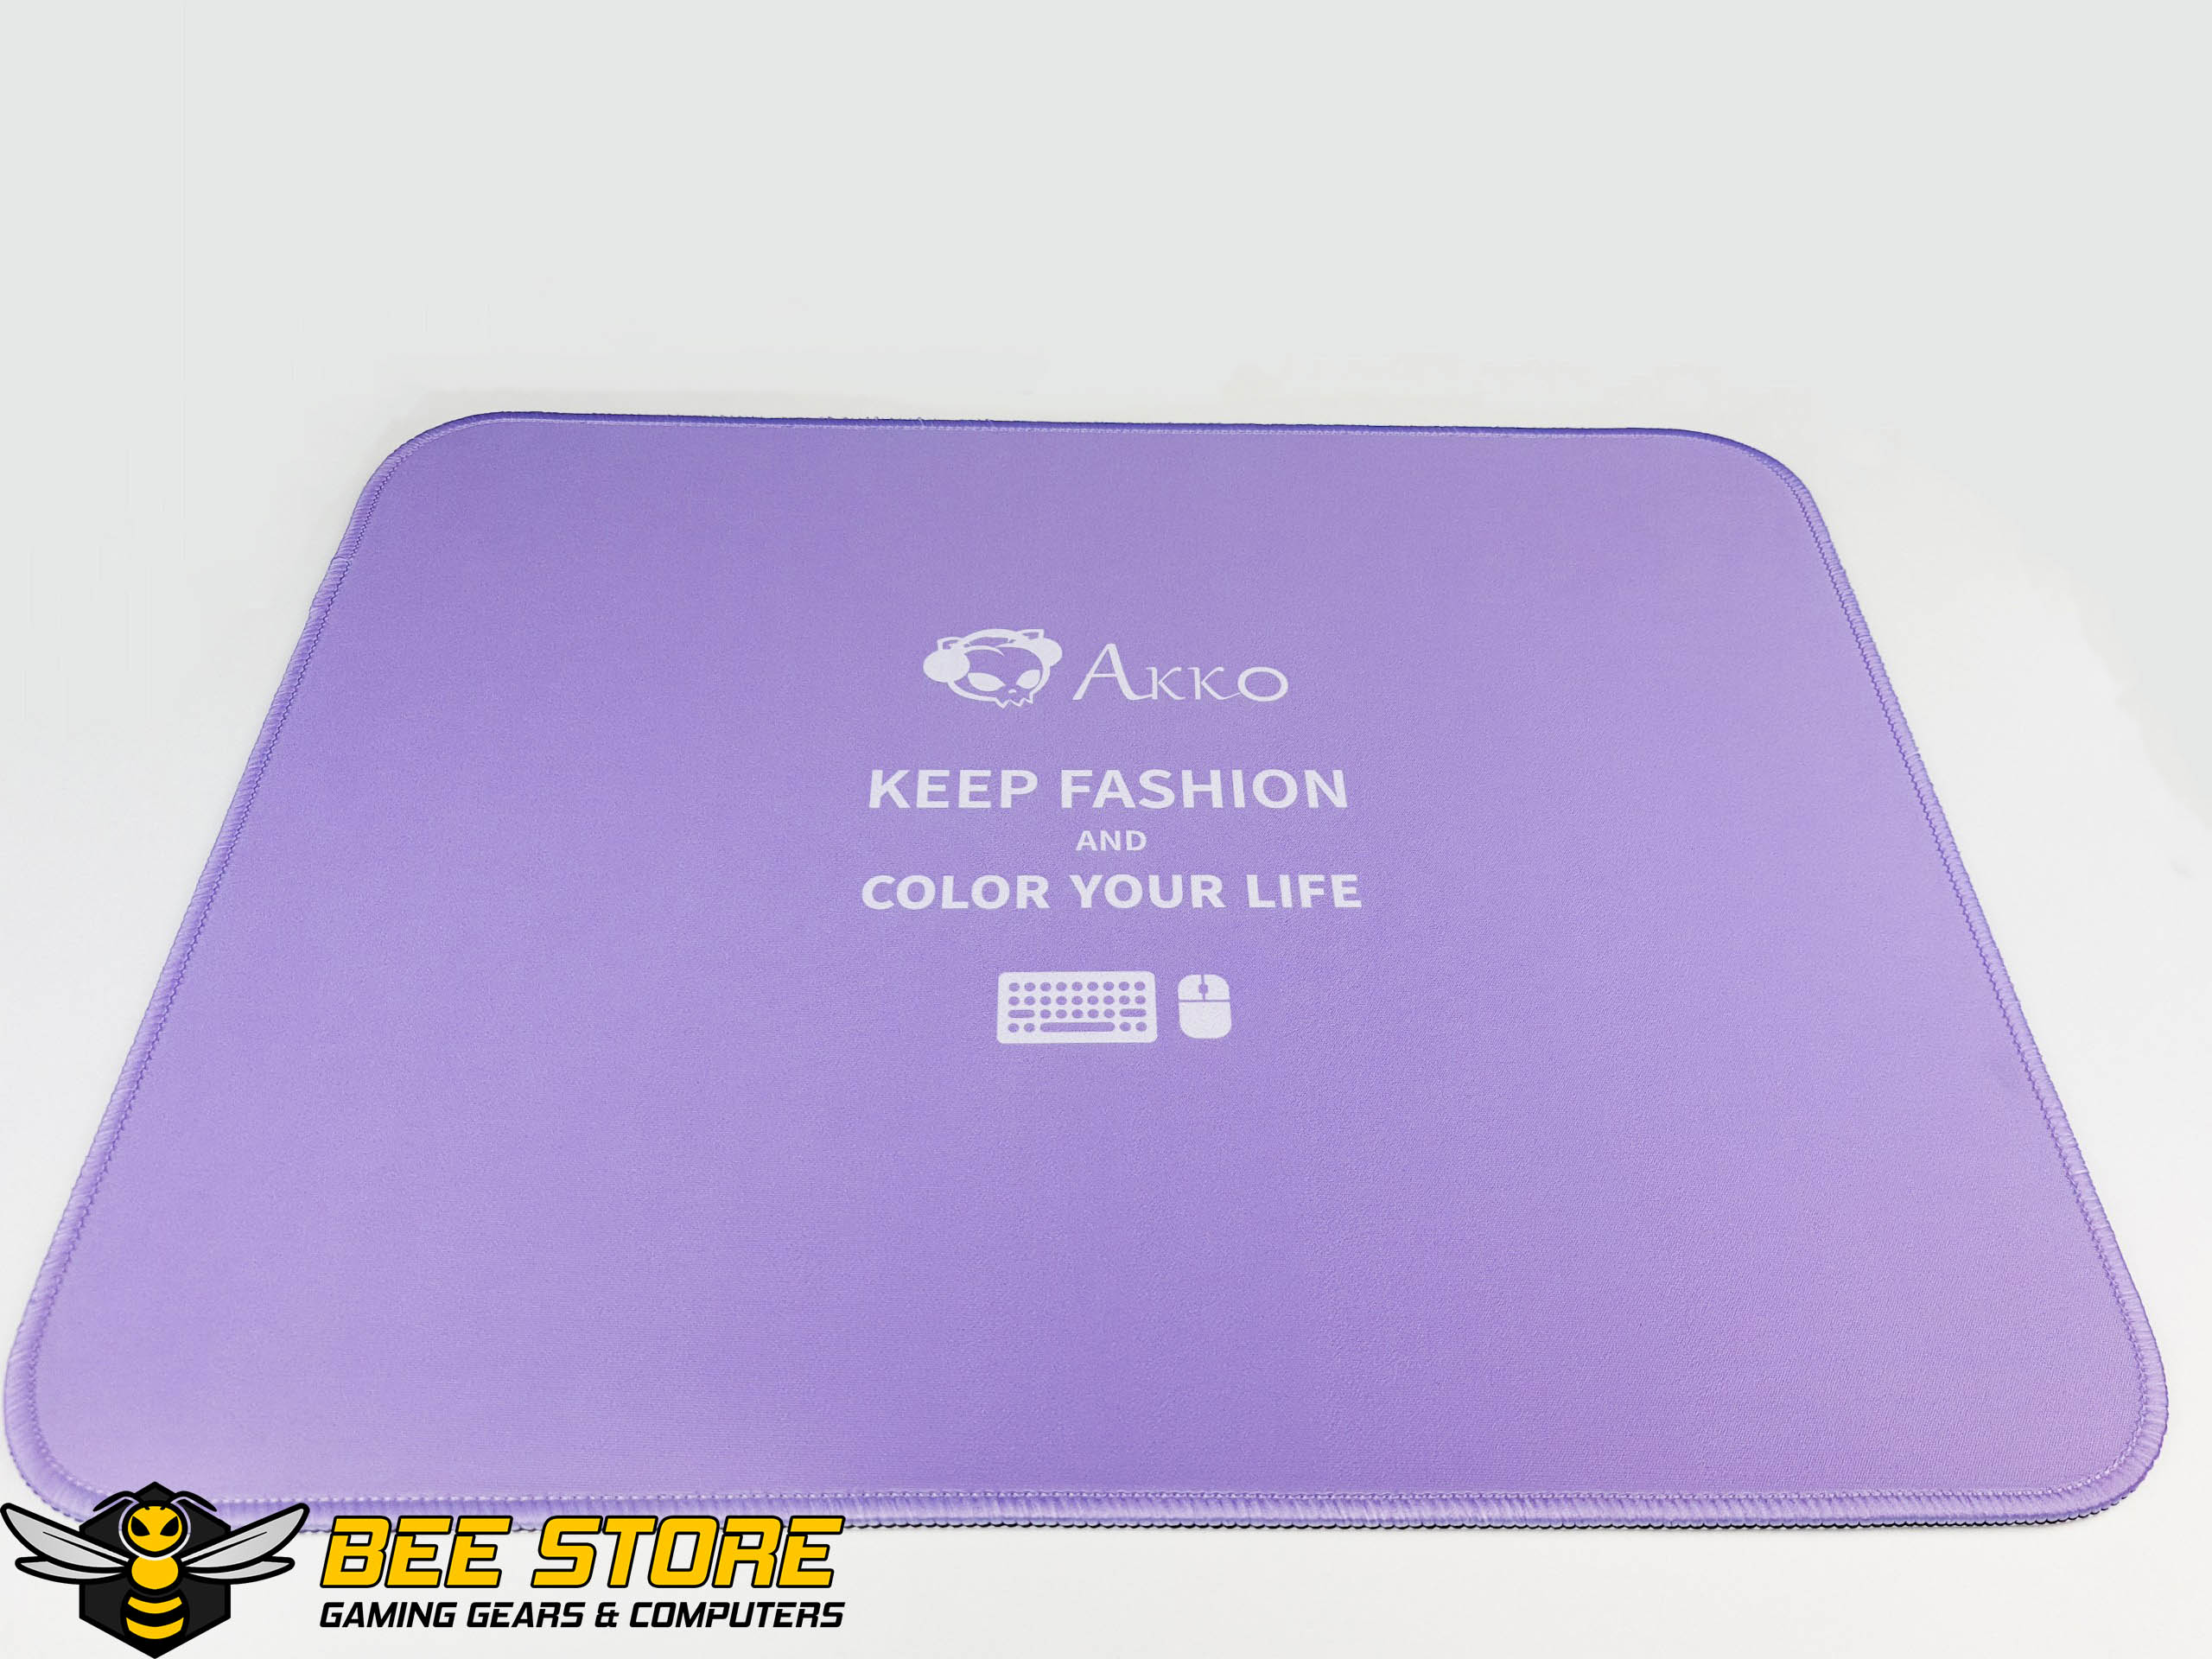 ban-di-chuot-akko-color-size-m-purple-beegaming-09